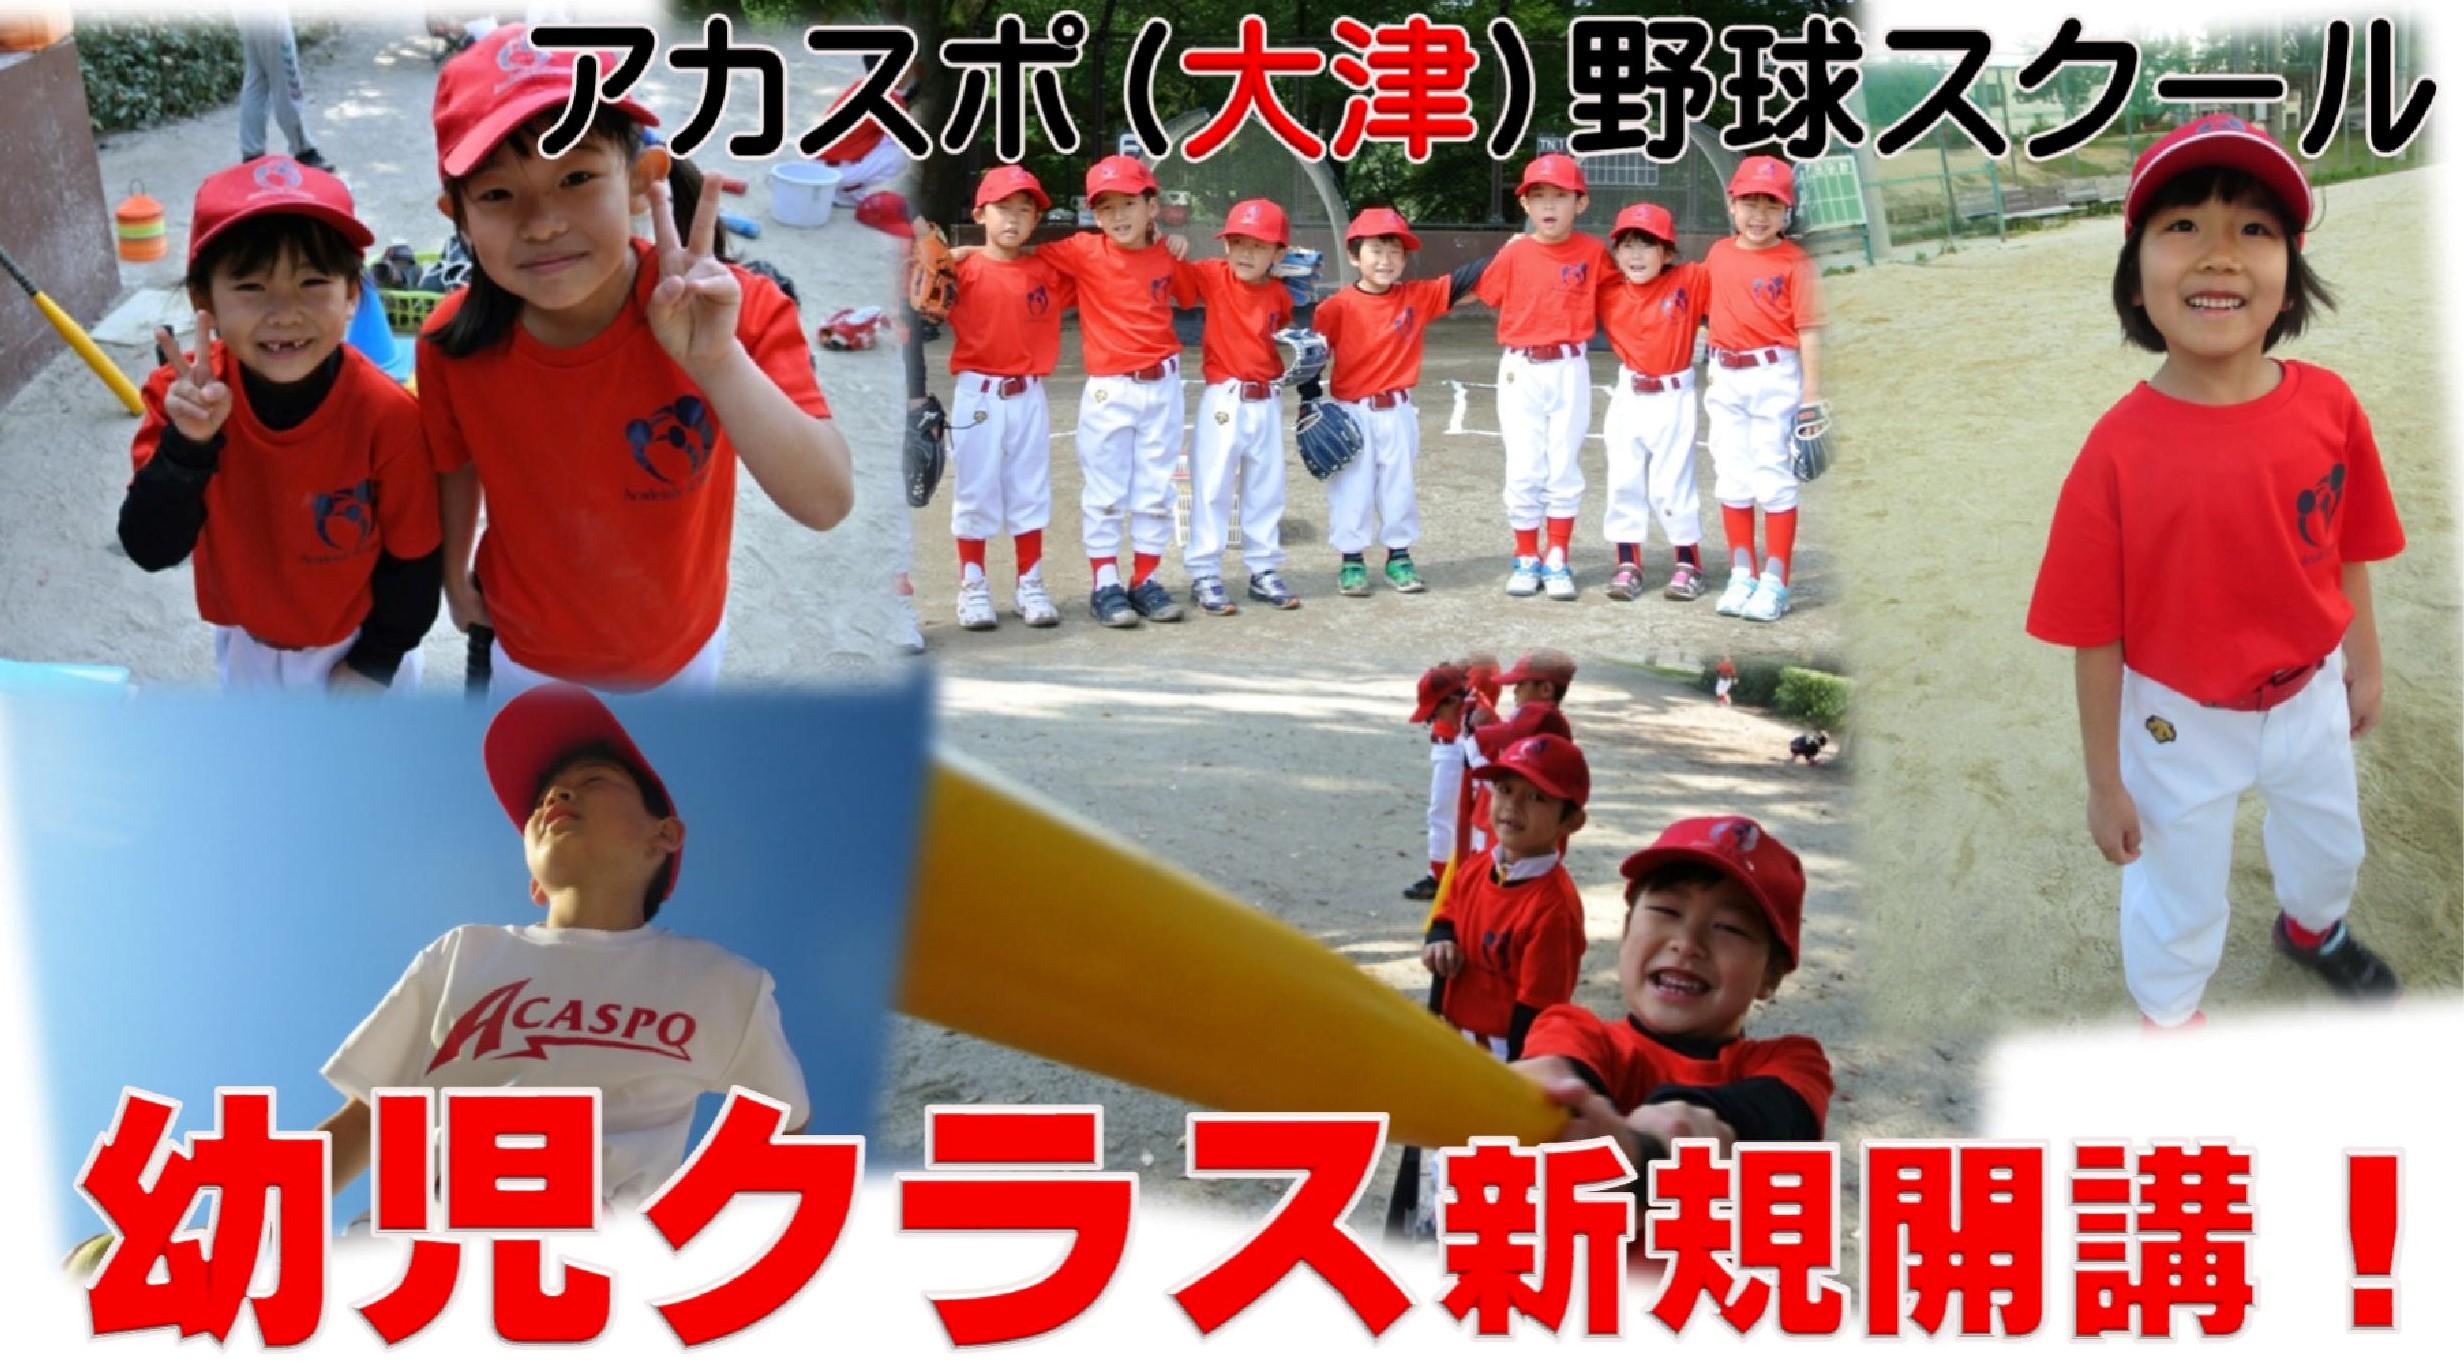 【野球S】幼児野球スクール新規開講!